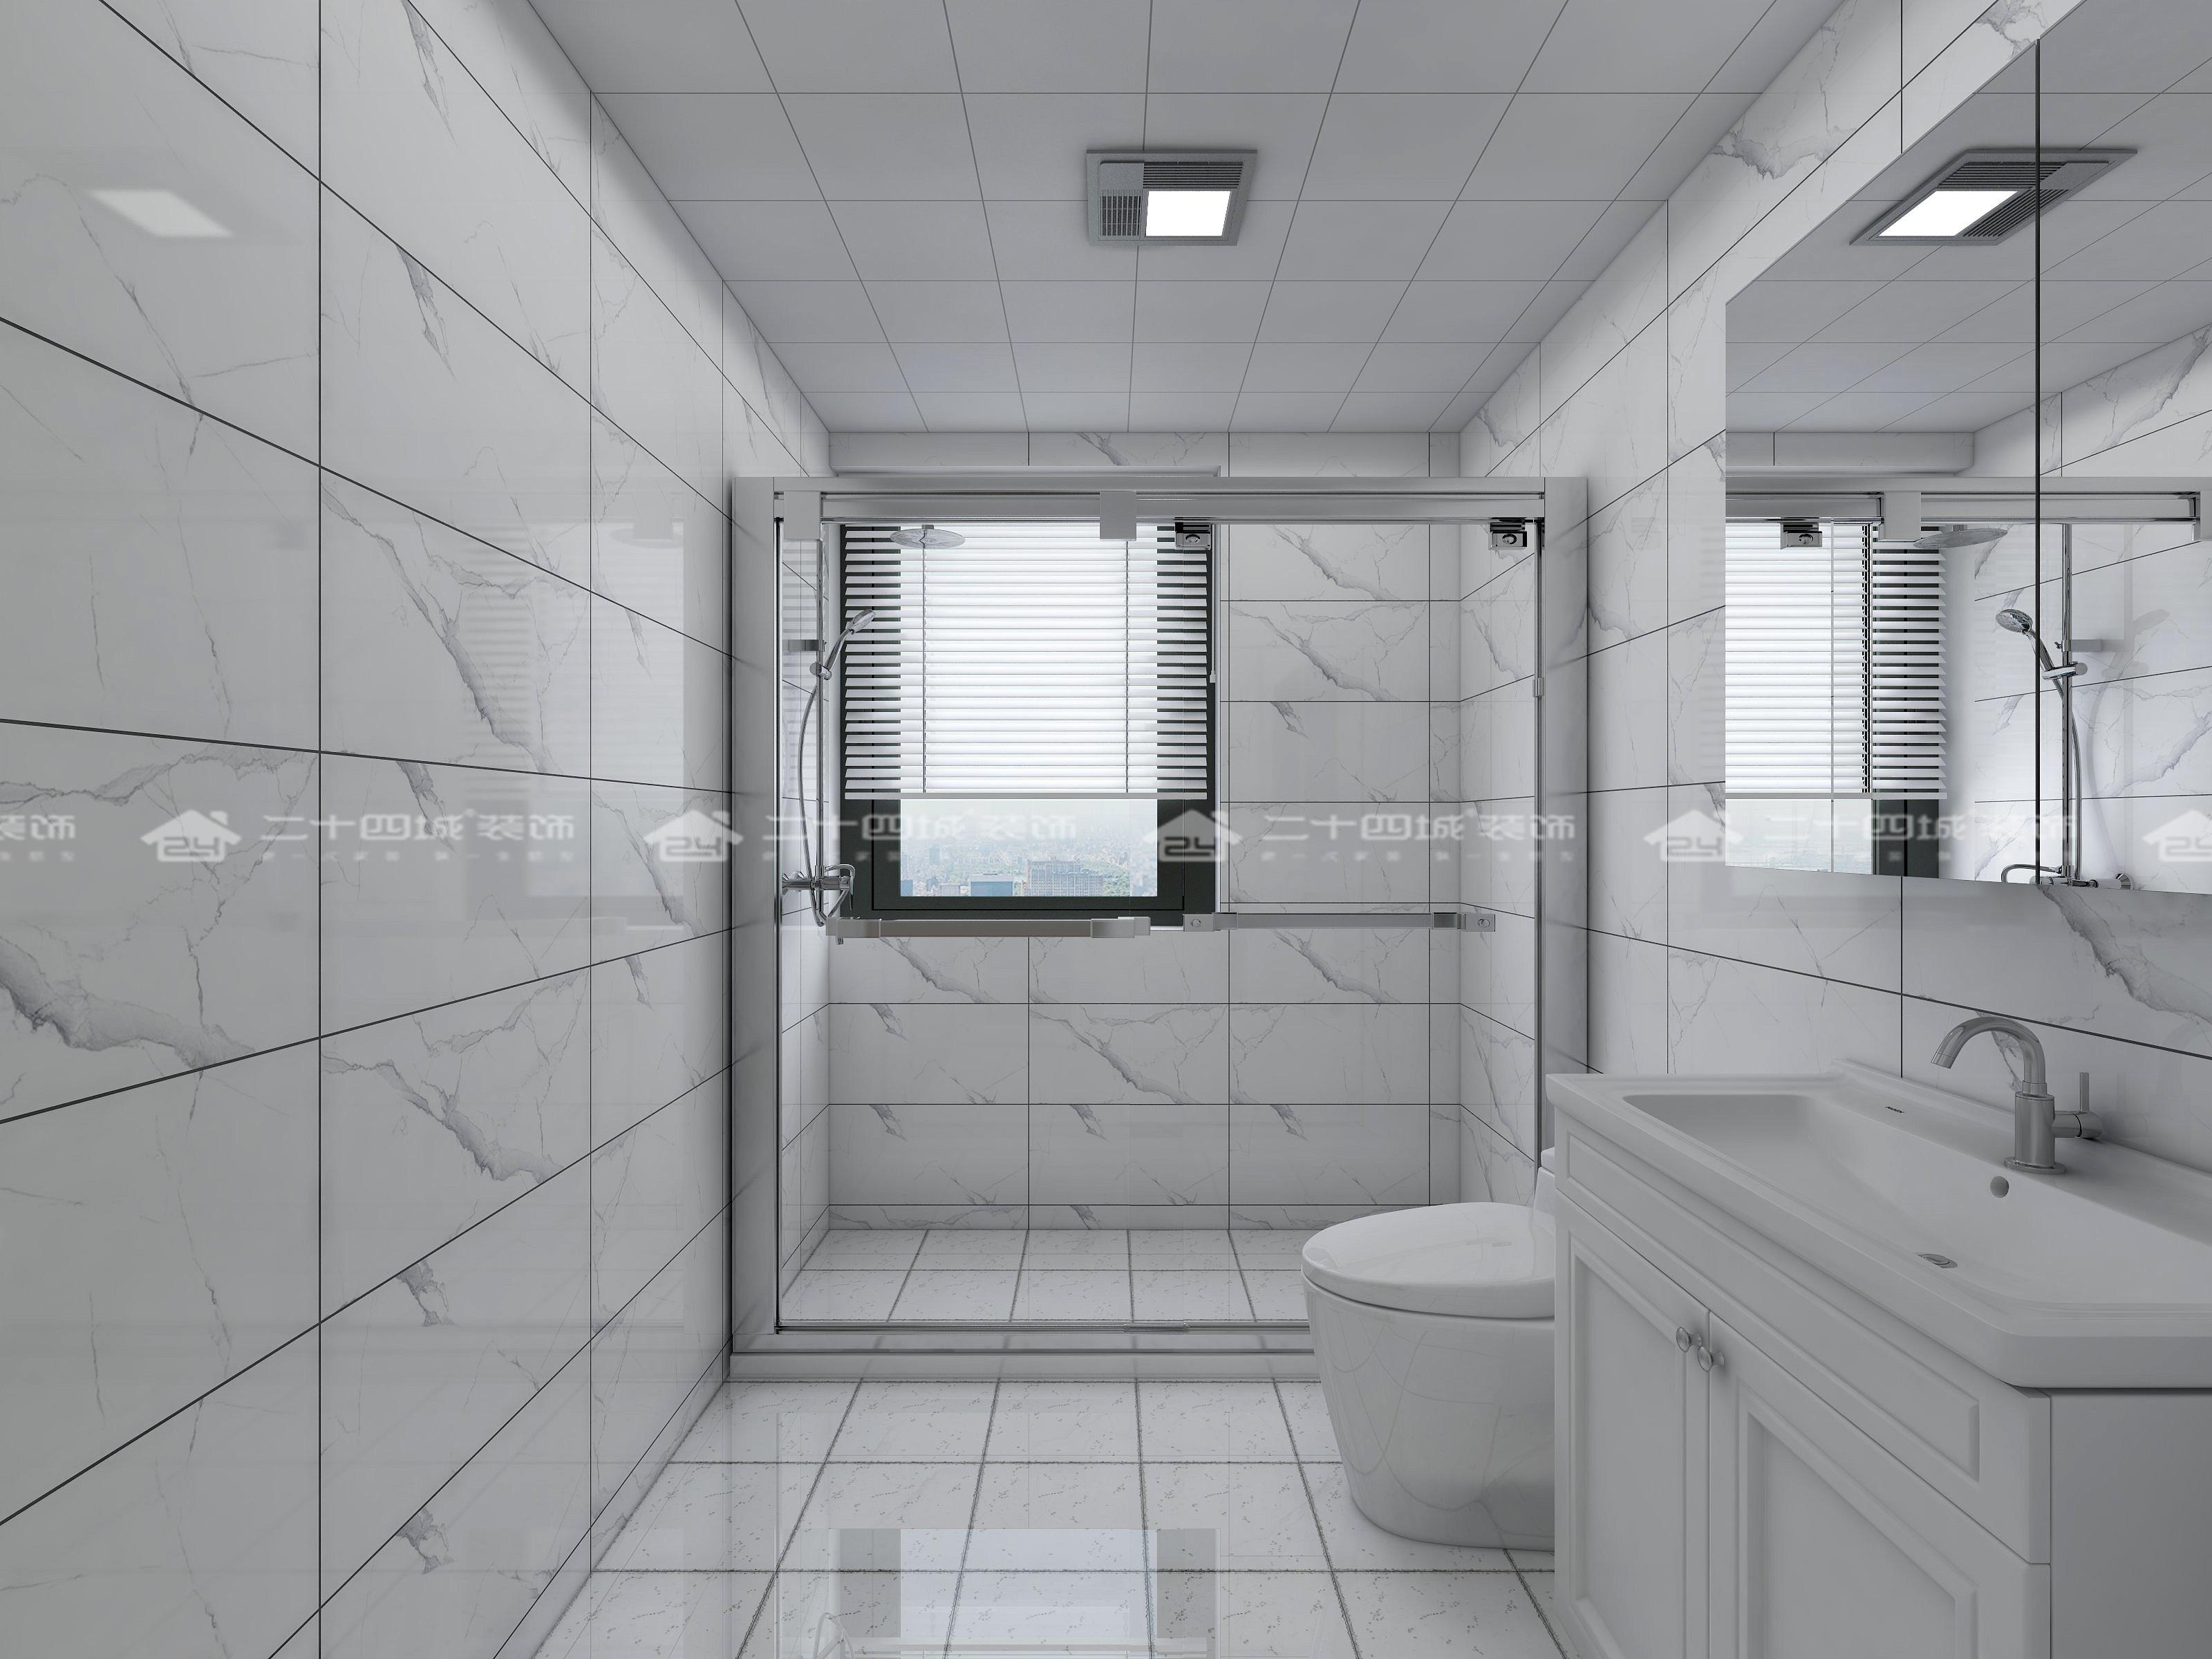 现代简约 现代 时尚 白领 小资 收纳 混搭 未来家 定制家 卫生间图片来自二十四城装饰(集团)昆明公司在恒泰滇池名门  现代简约的分享